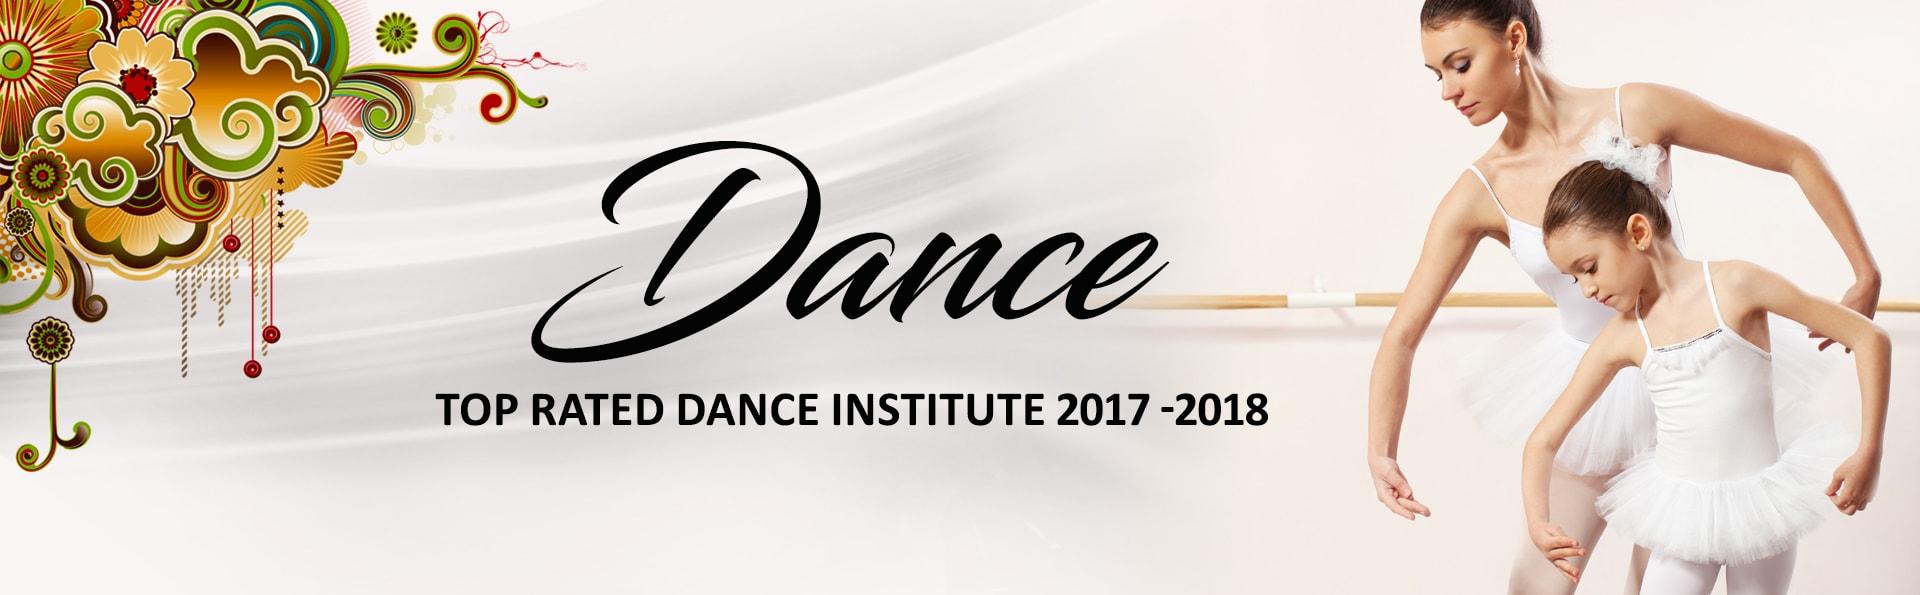 Melodica Dance School in Dubai, Dance classes in Dubai